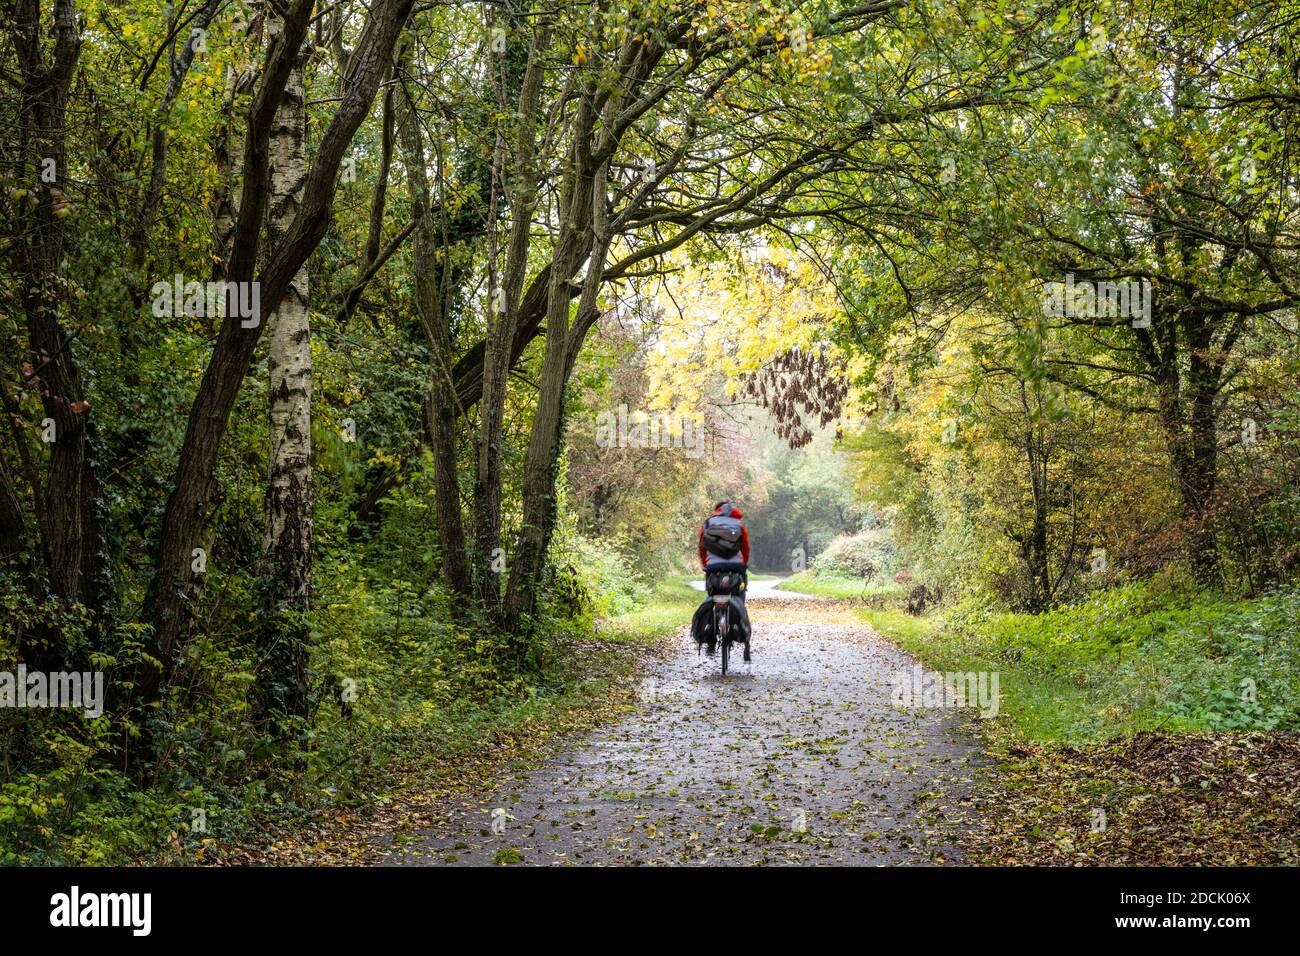 Un cycliste de tourisme traverse un tunnel d'arbres aux couleurs automnales sur la branche Westerleigh du chemin de fer de Bristol et Bath. Banque D'Images